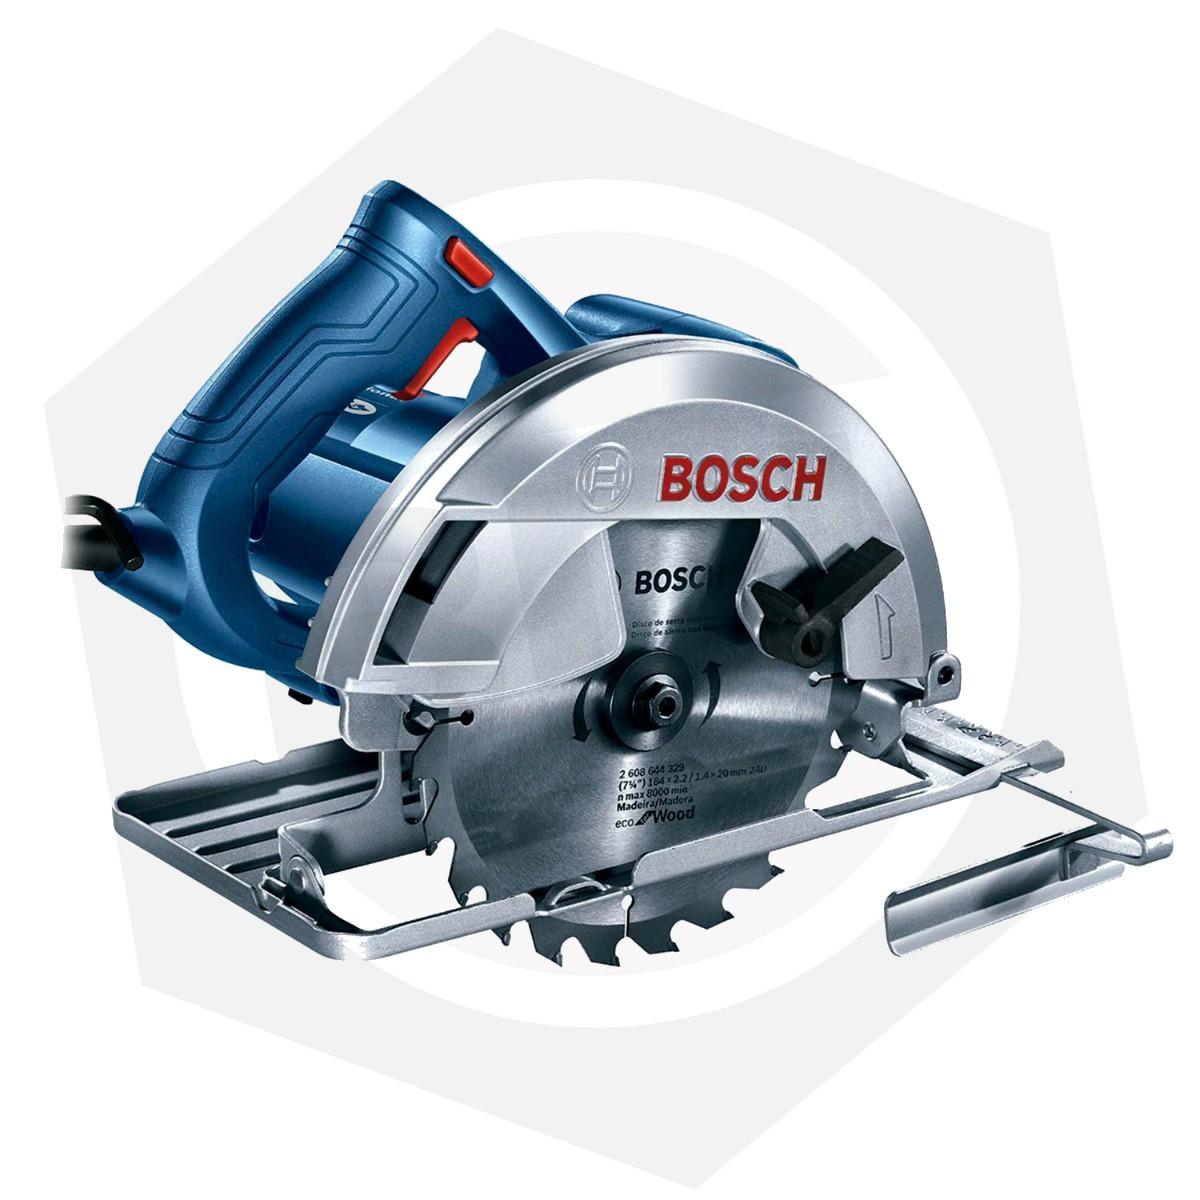 OFERTA - Sierra Circular Bosch GKS 150 STD